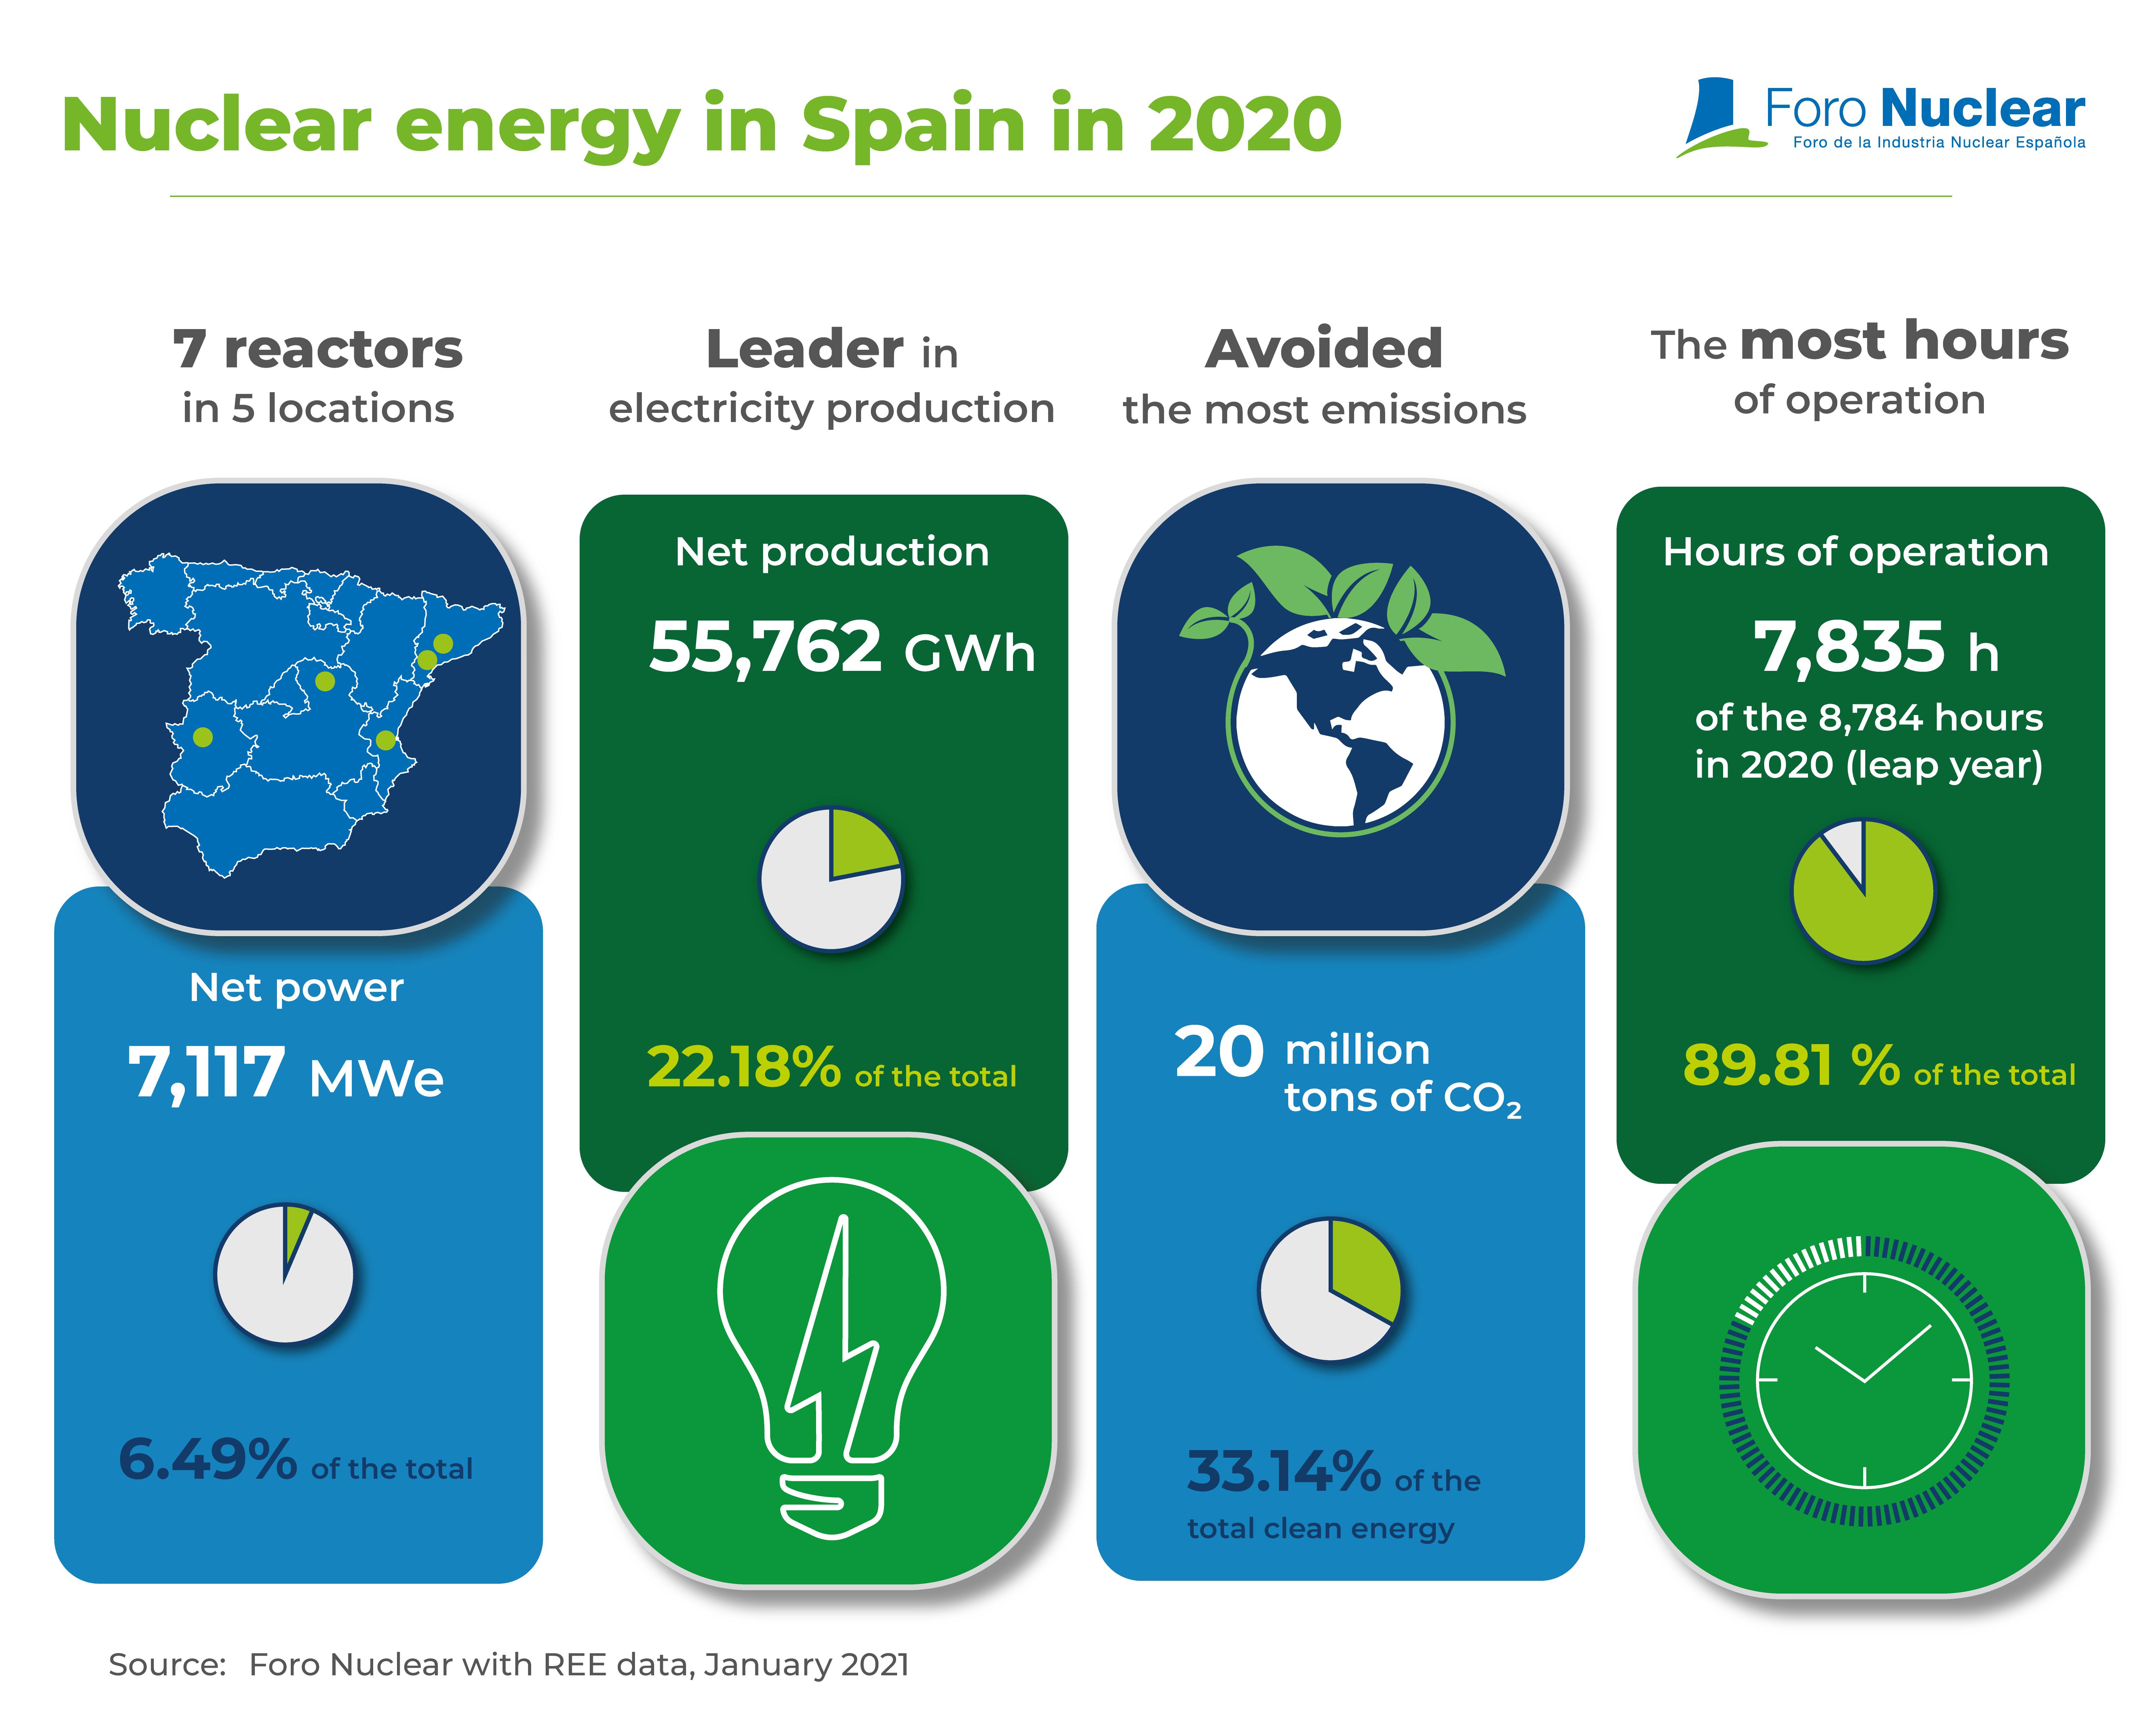 Nuclear energy in Spain in 2020